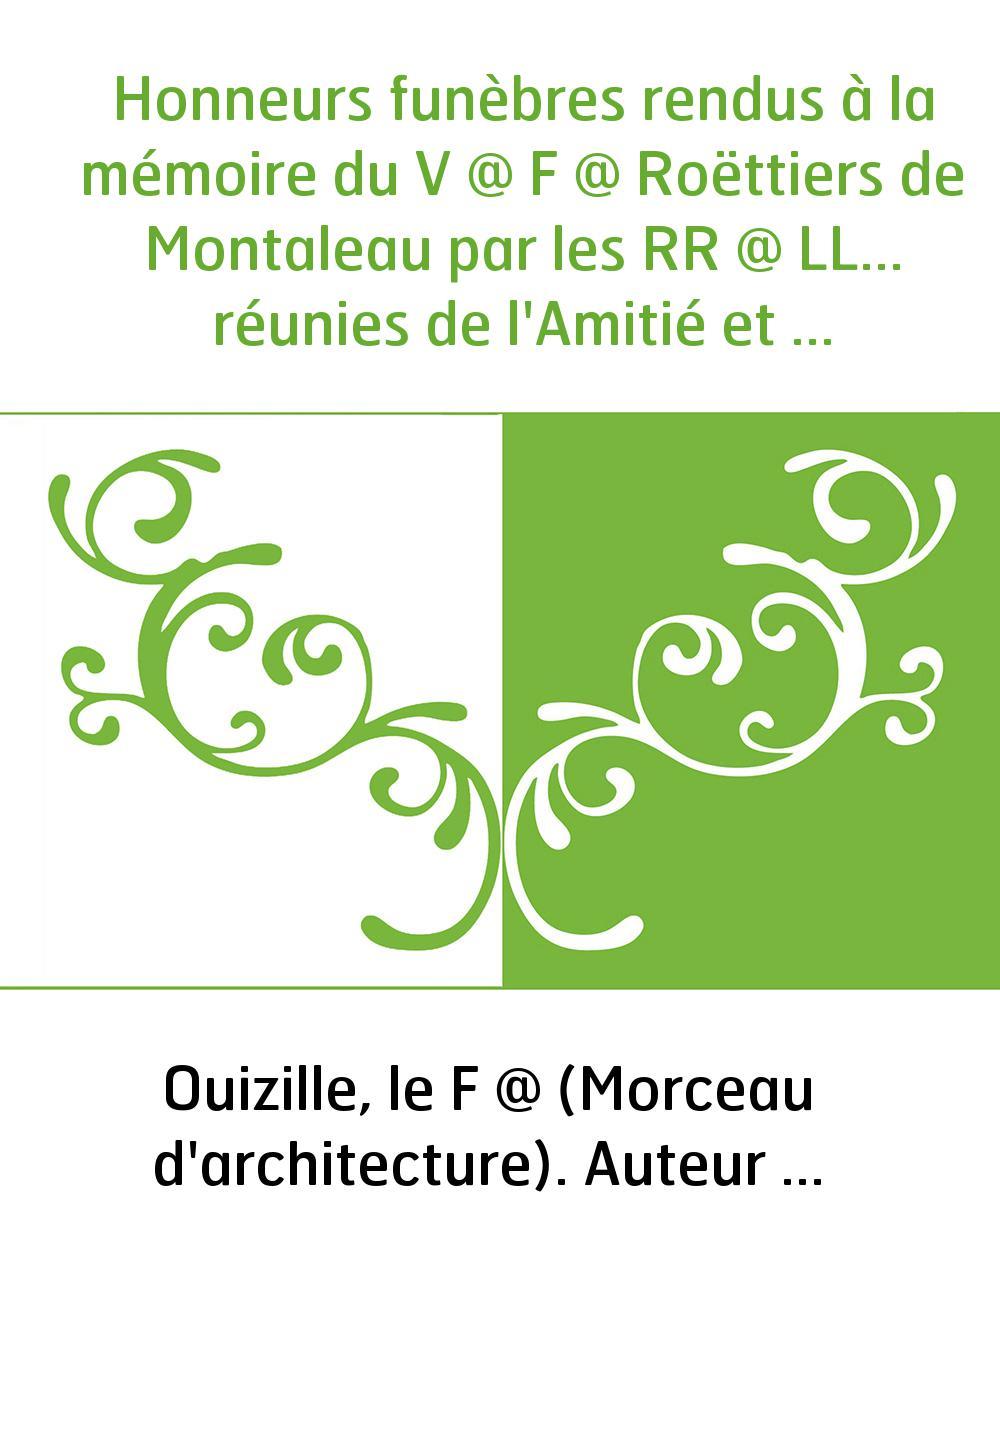 Honneurs funèbres rendus à la mémoire du V @ F @ Roëttiers de Montaleau par les RR @ LL... réunies de l'Amitié et du Centre des